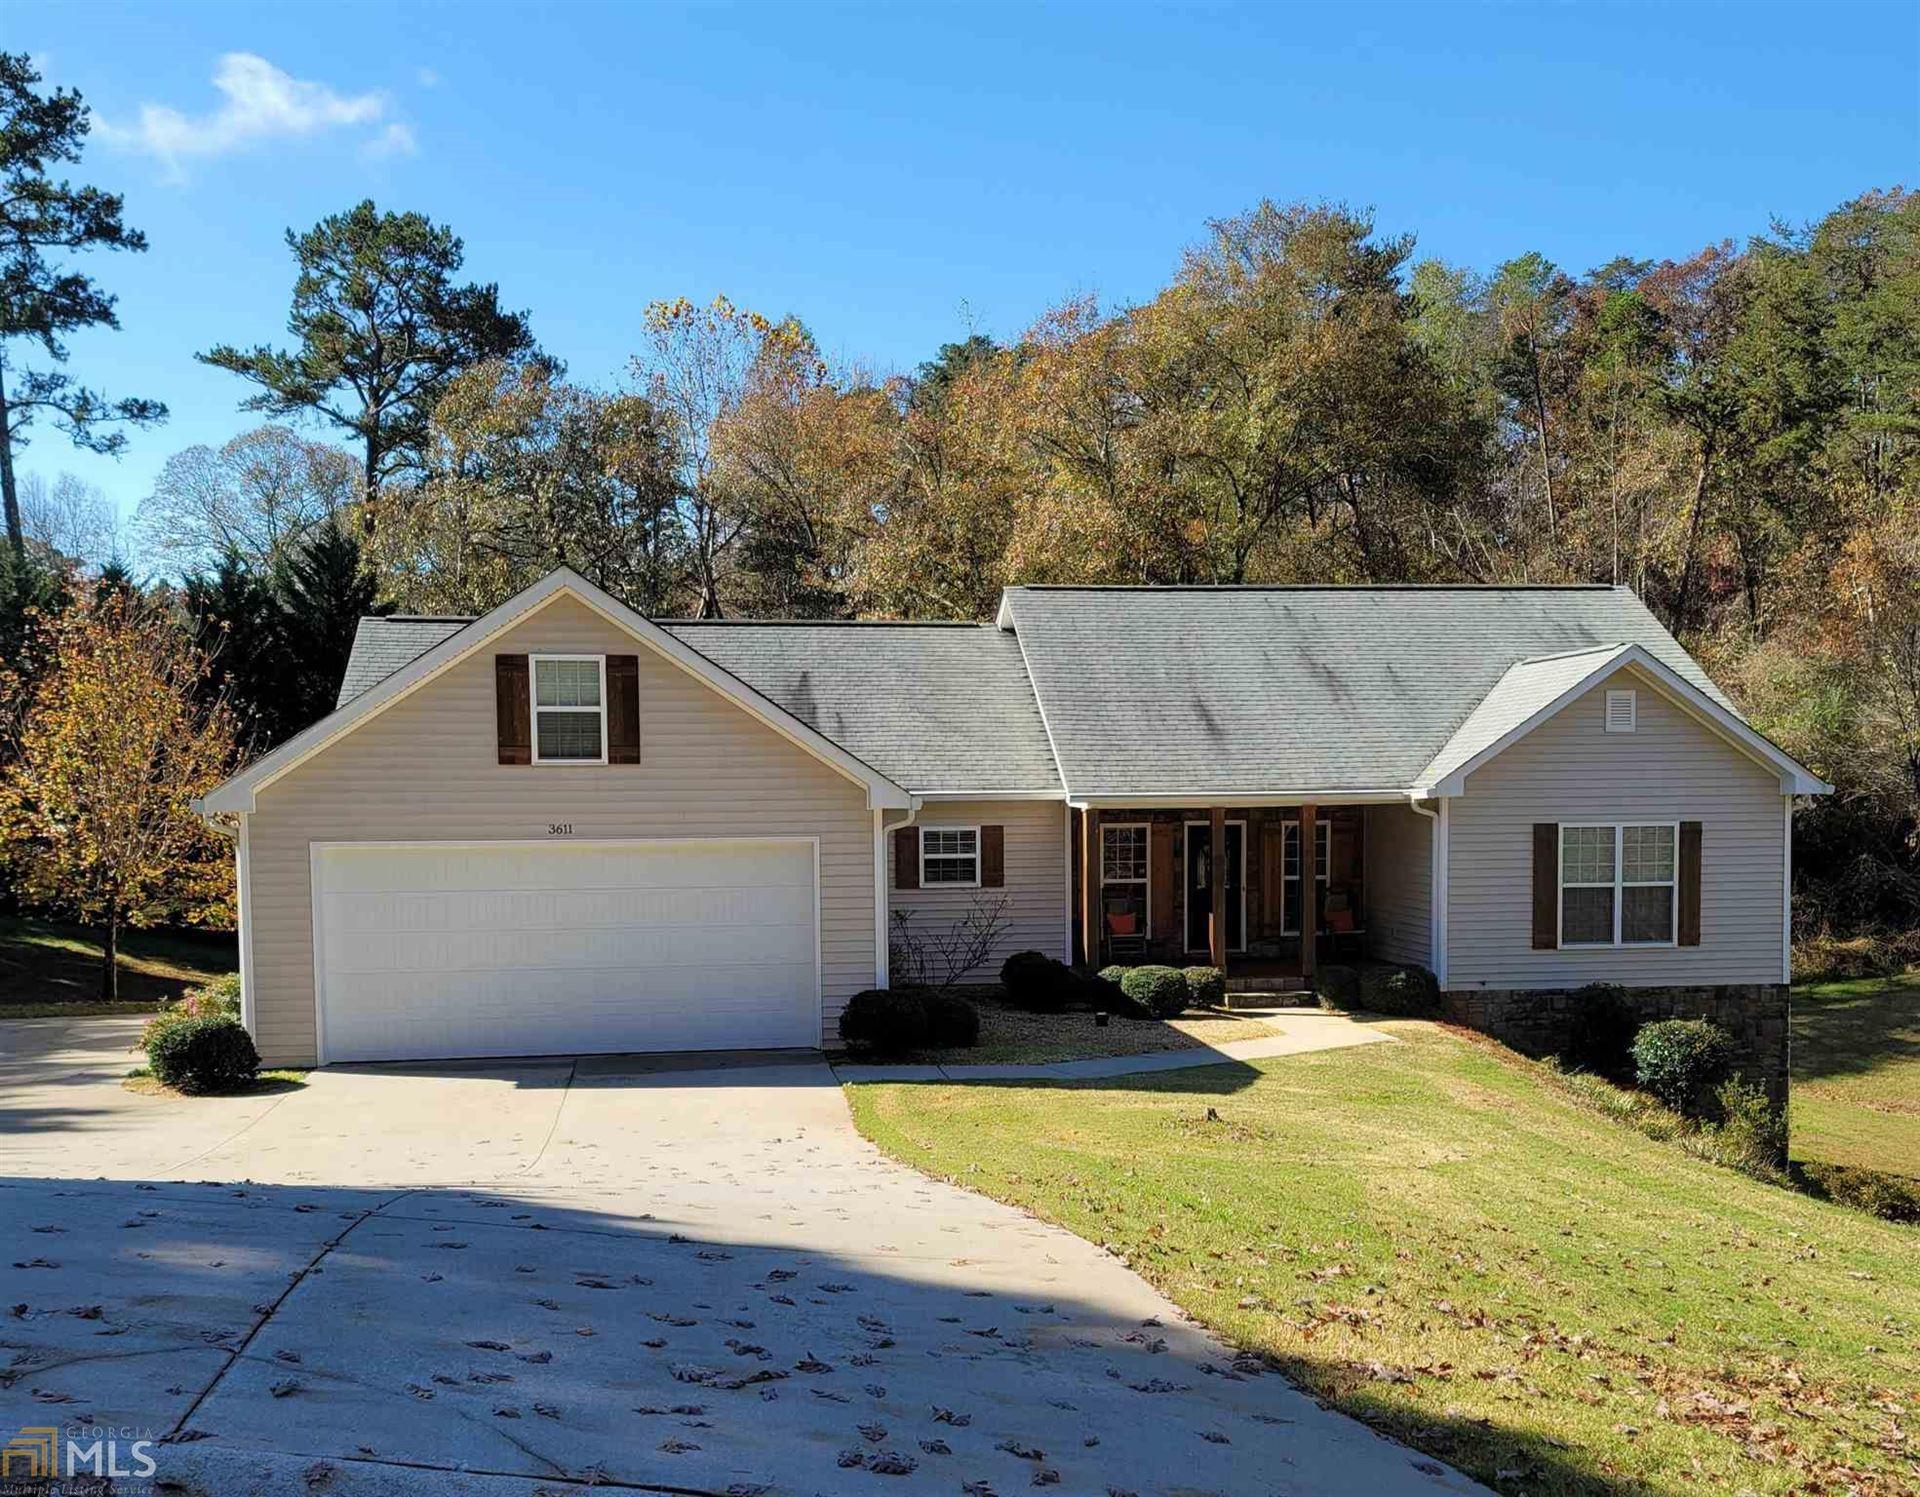 3611 Shady Oak Trl, Gainesville, GA 30506 - MLS#: 8888737